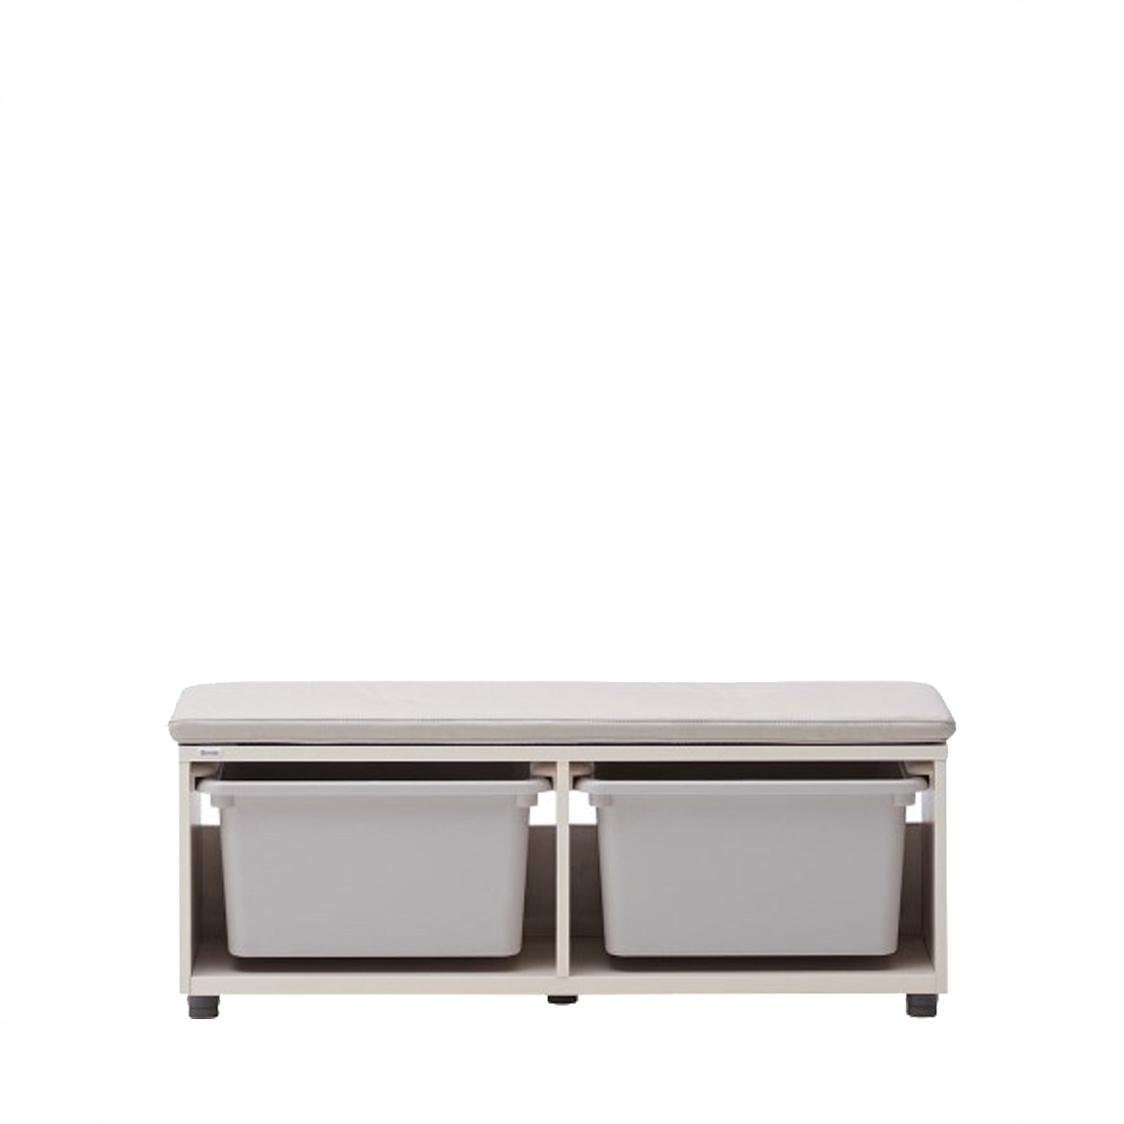 Iloom Eddi Kids 950W Bench With Storage Hsfp191-Ivgy